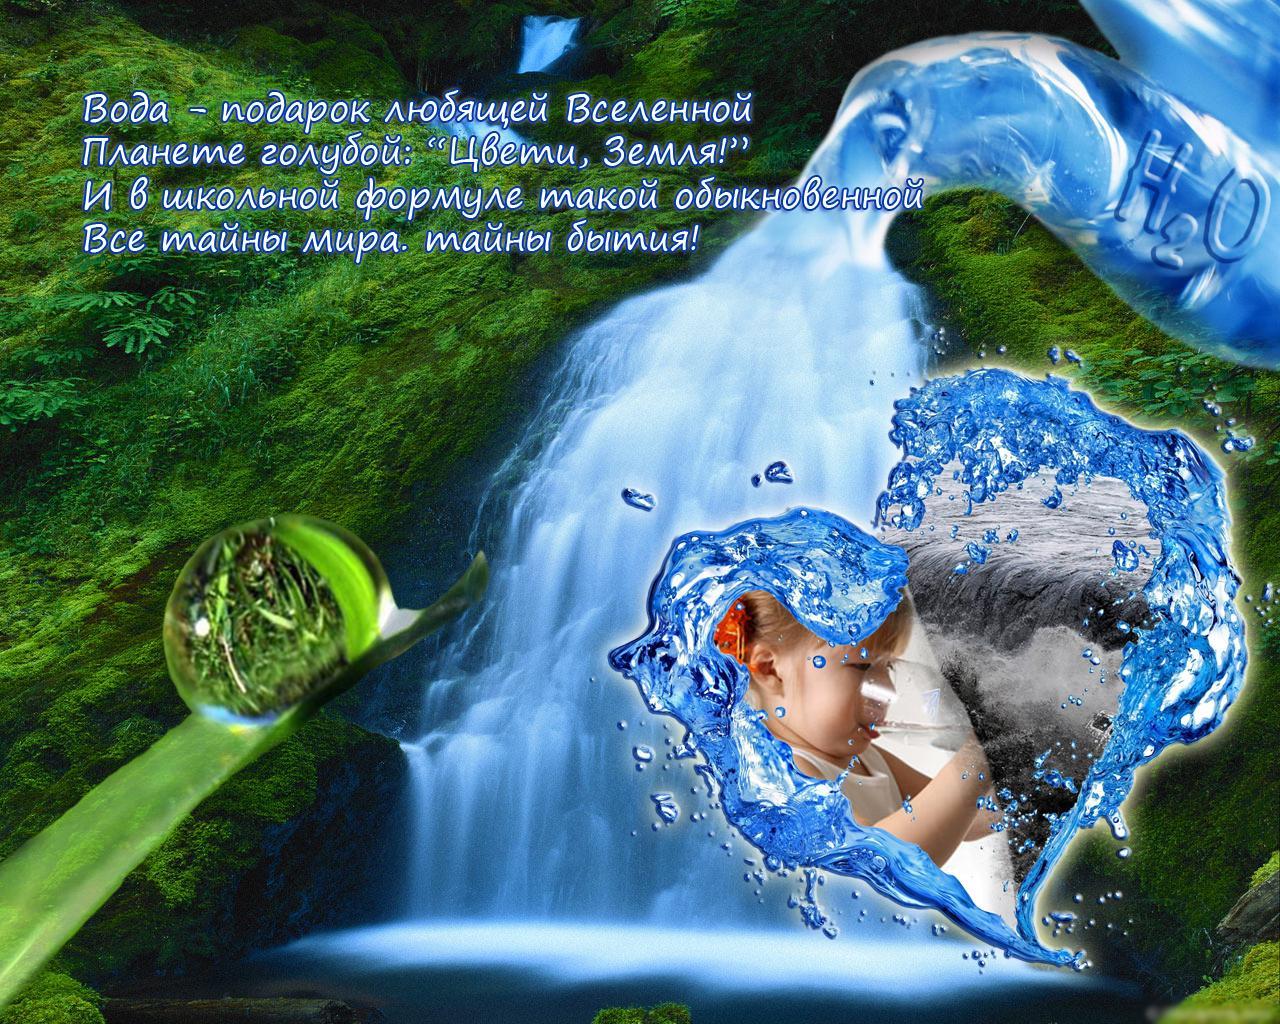 записной вода это жизнь картинки для презентации бывают разные